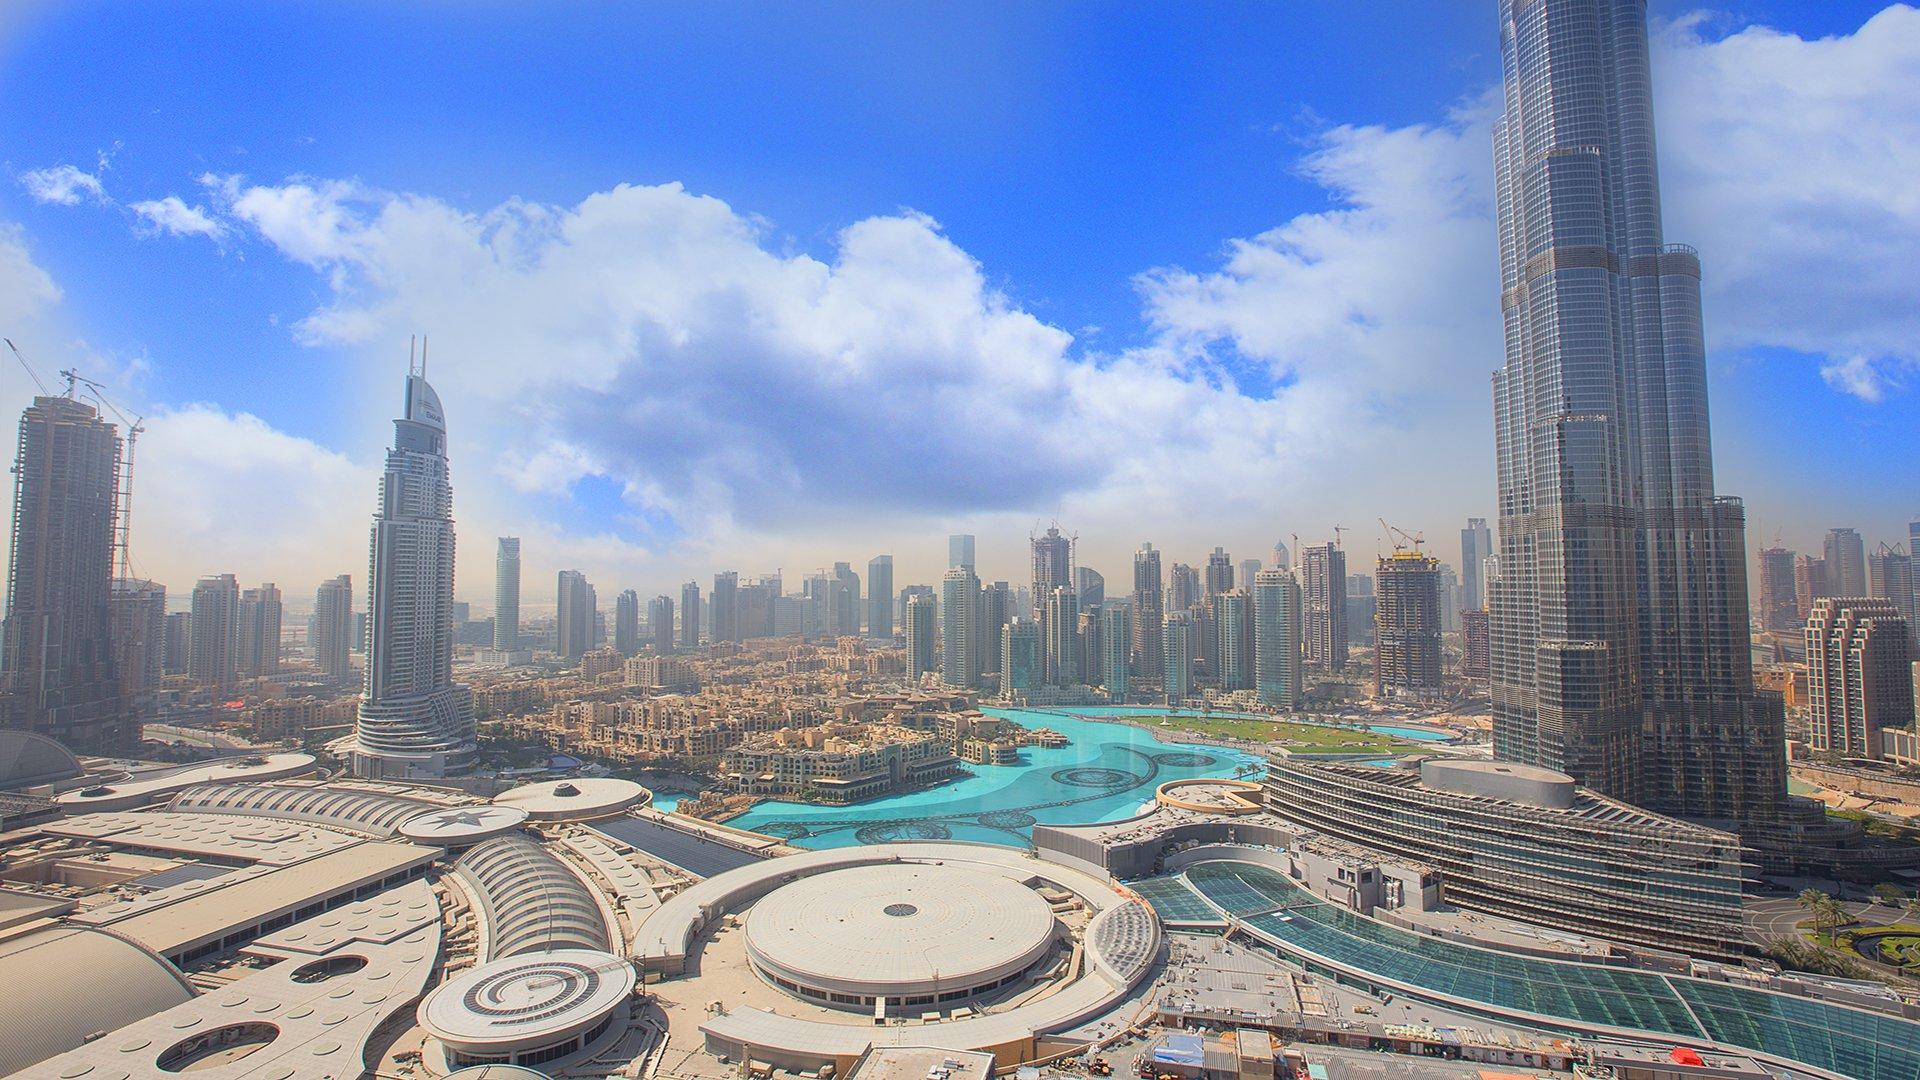 Можно ли удаленно открыть компанию в ОАЭ в 2020 году?